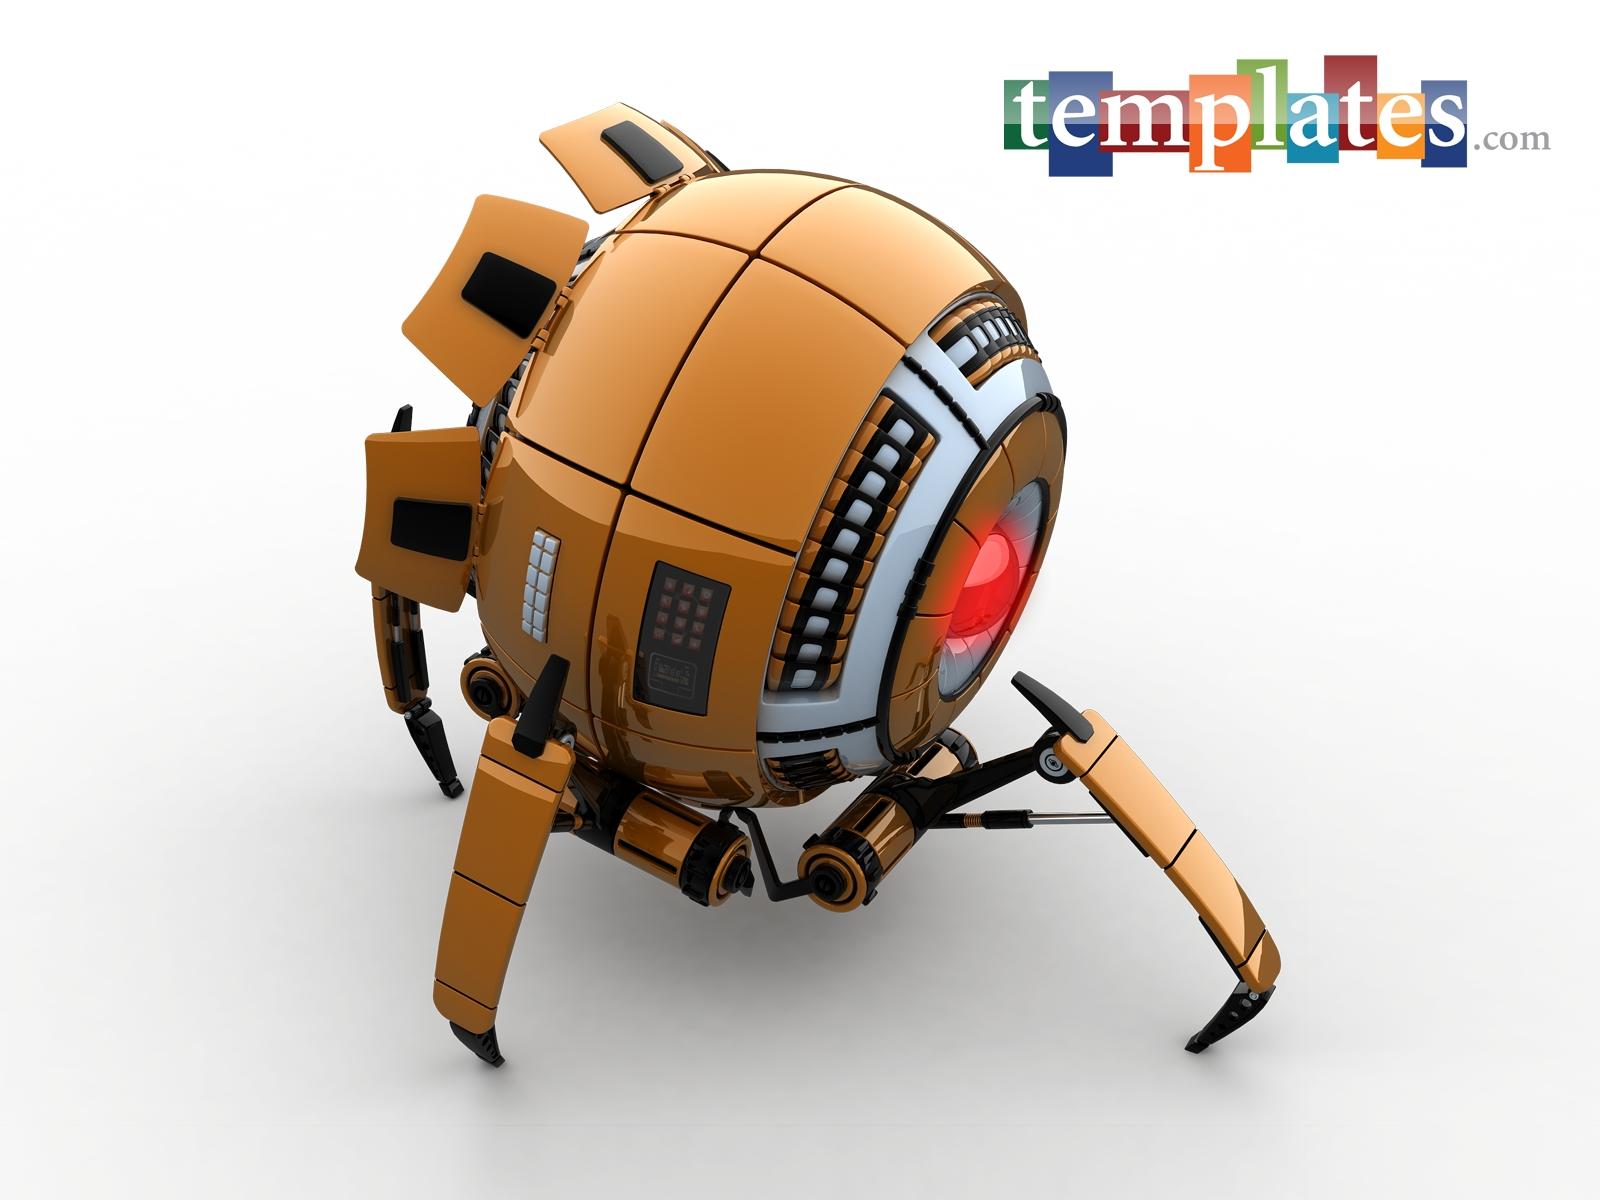 http://3.bp.blogspot.com/_D7OVb51Iwzs/TJMkhLsRdNI/AAAAAAAABEs/4up18fqA5E4/s1600/sf-spider-robot-wallpapers_9588_1600x1200.jpg